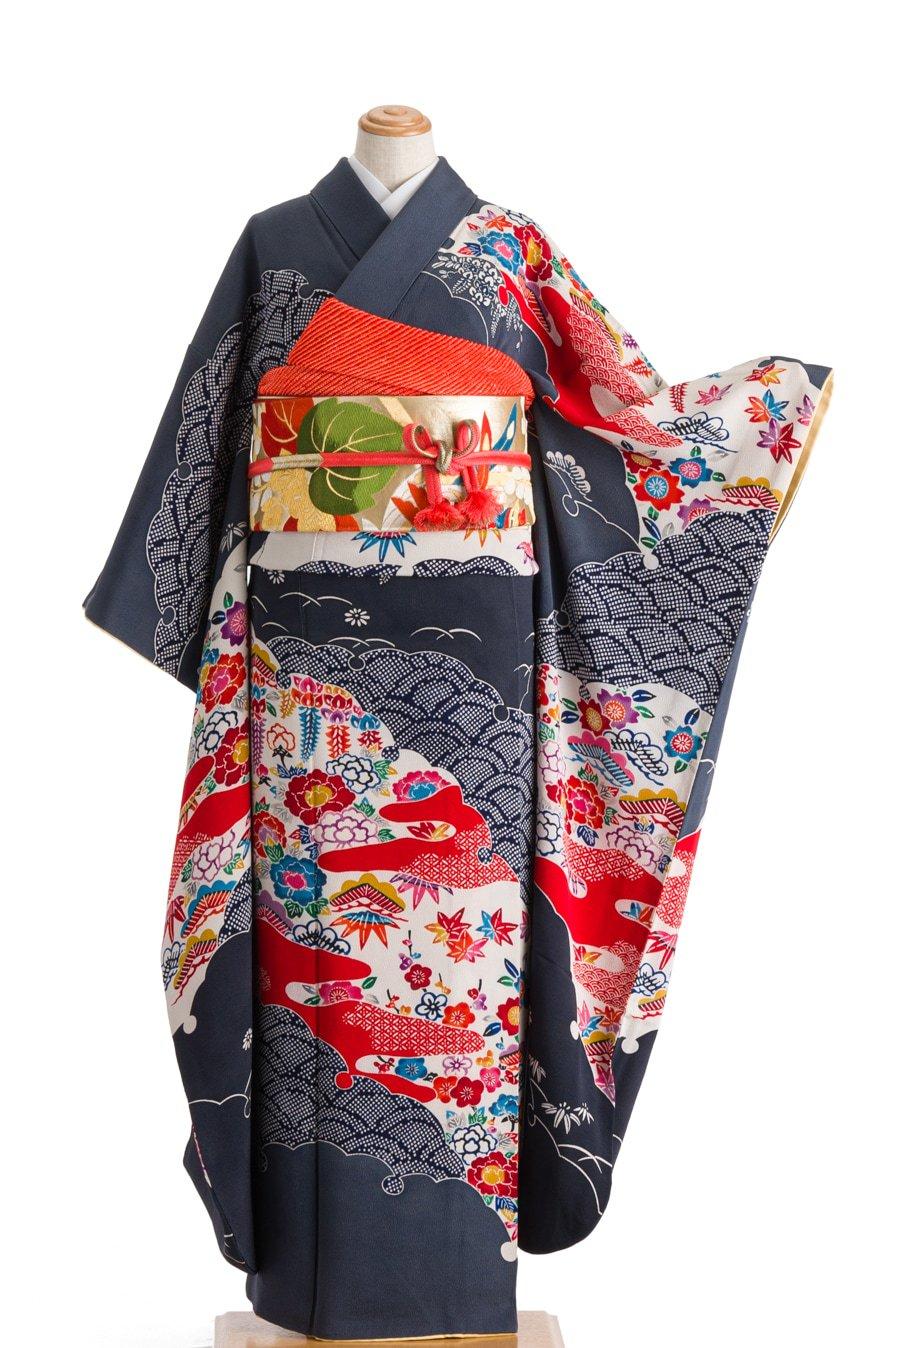 「振袖 大雪輪に四季花 紅型」の商品画像